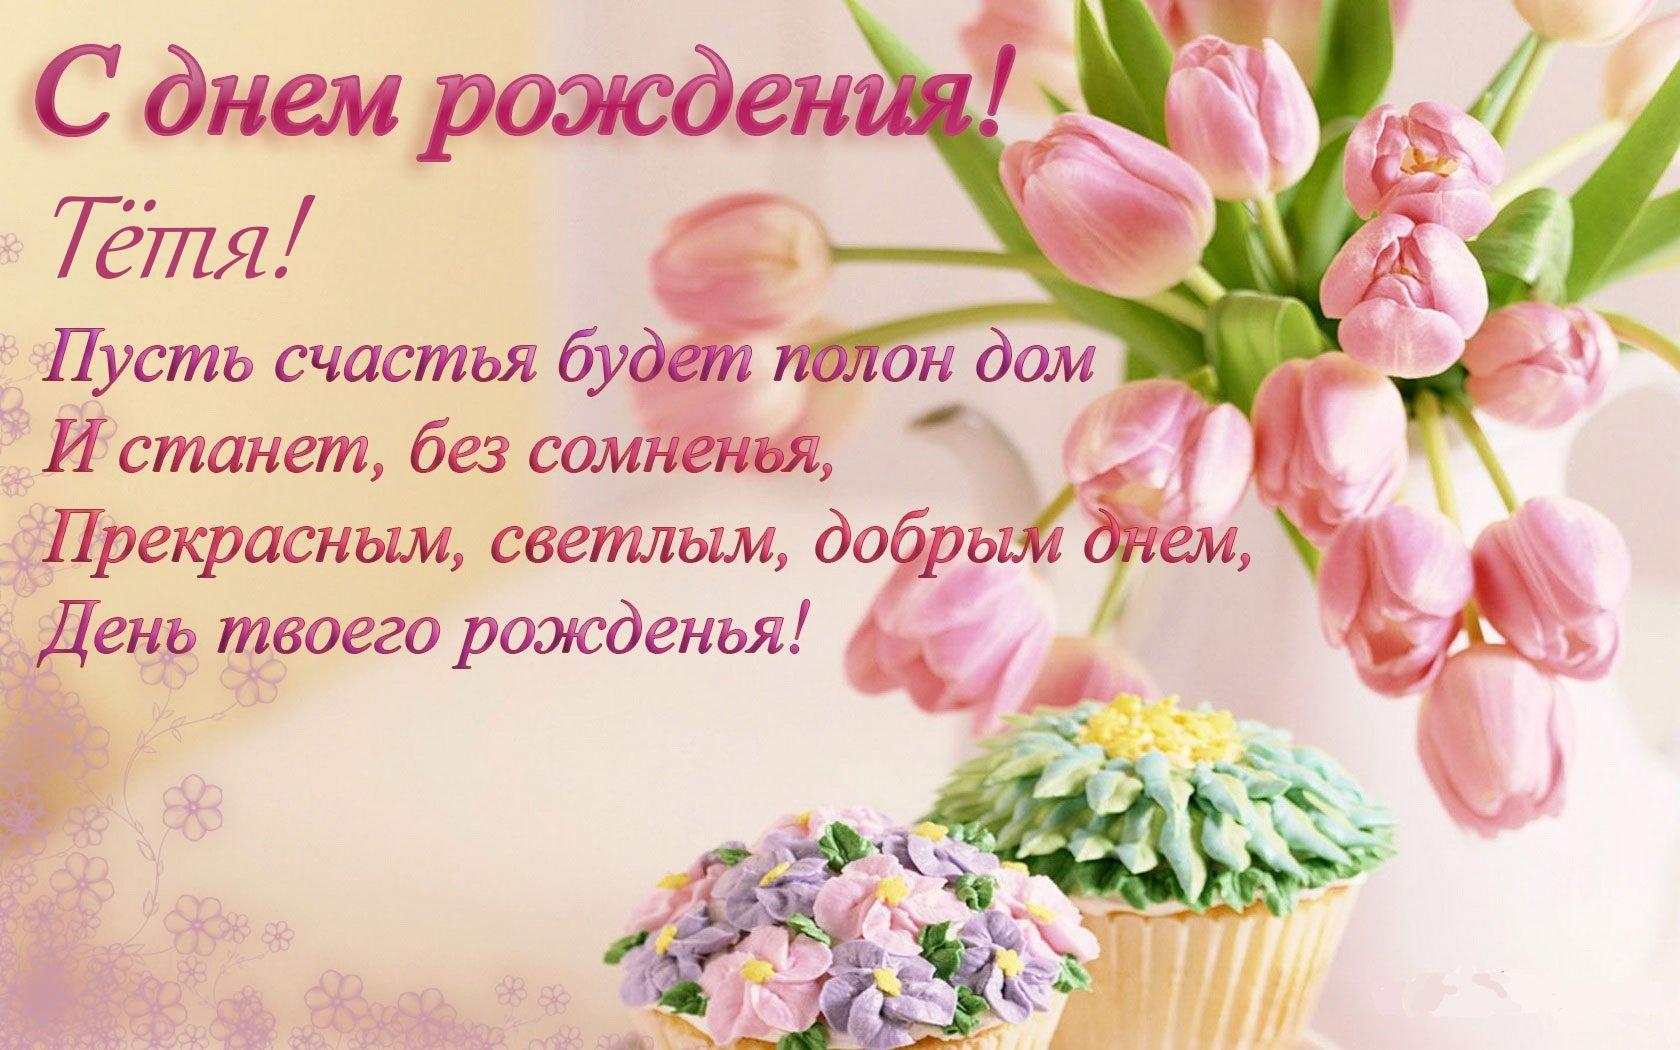 Поздравление с днем рождения тете 62 года